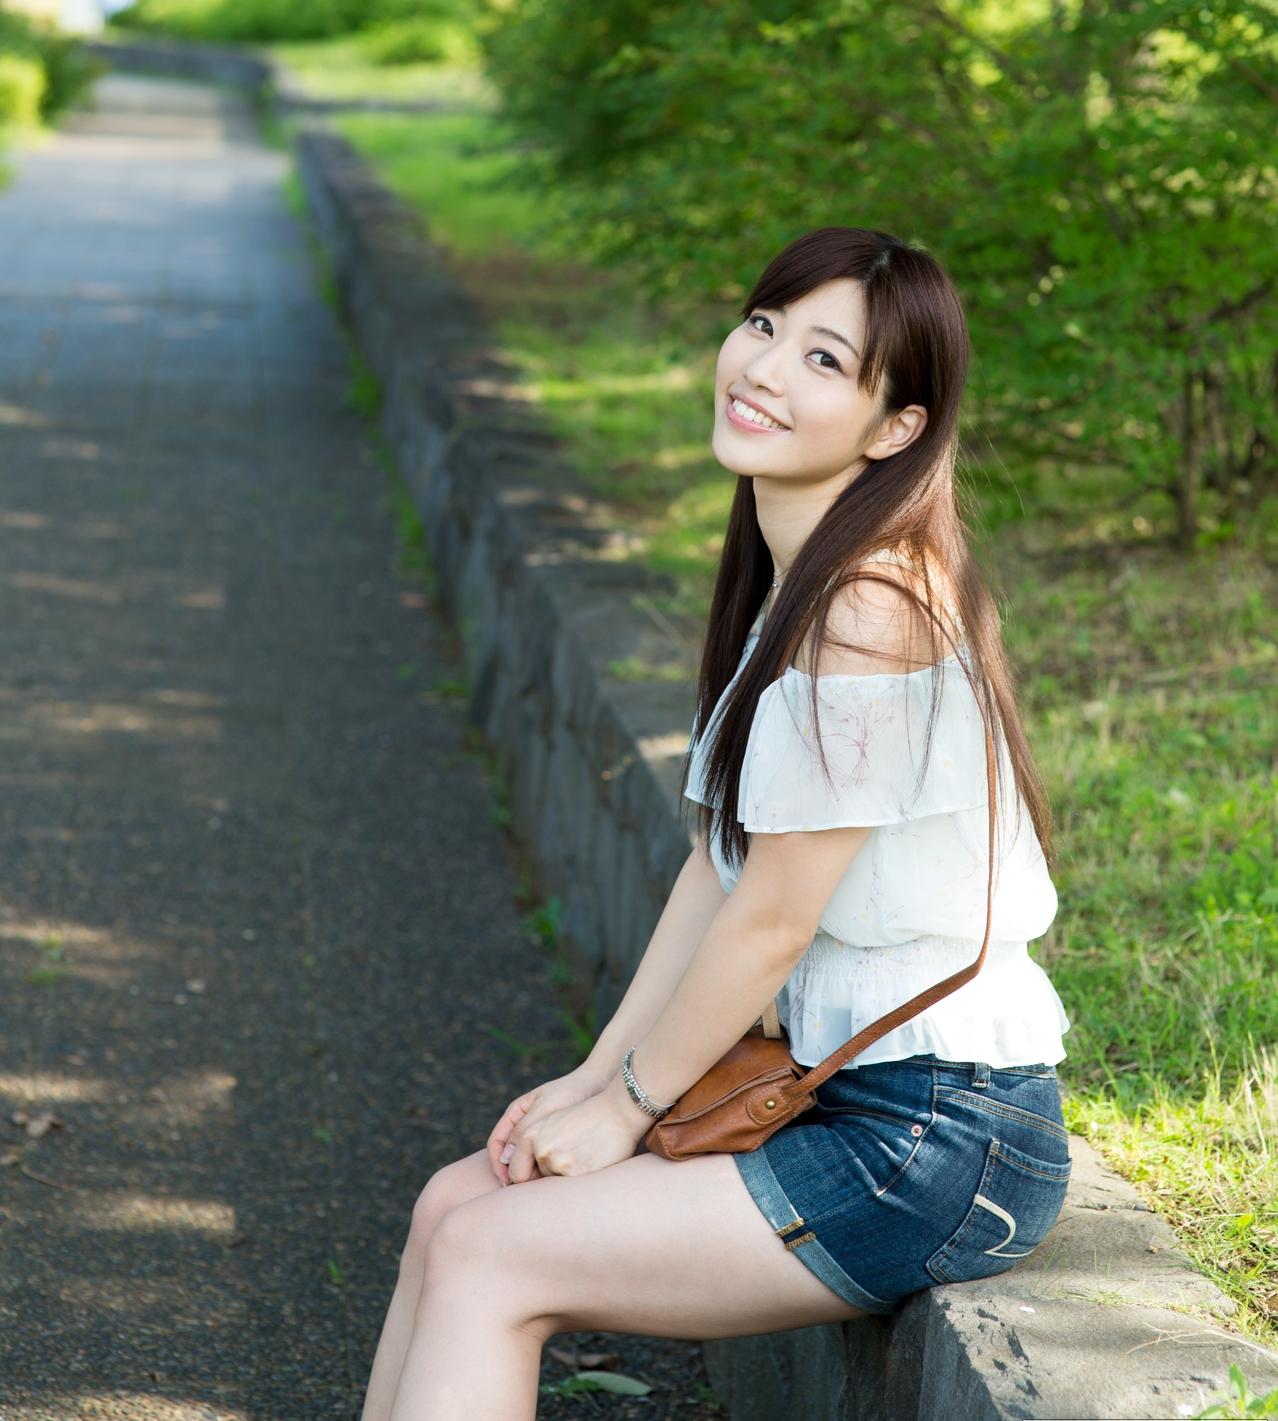 image http://scanlover.com/assets/images/4134-KohkUEhWfssBfX2K.jpeg